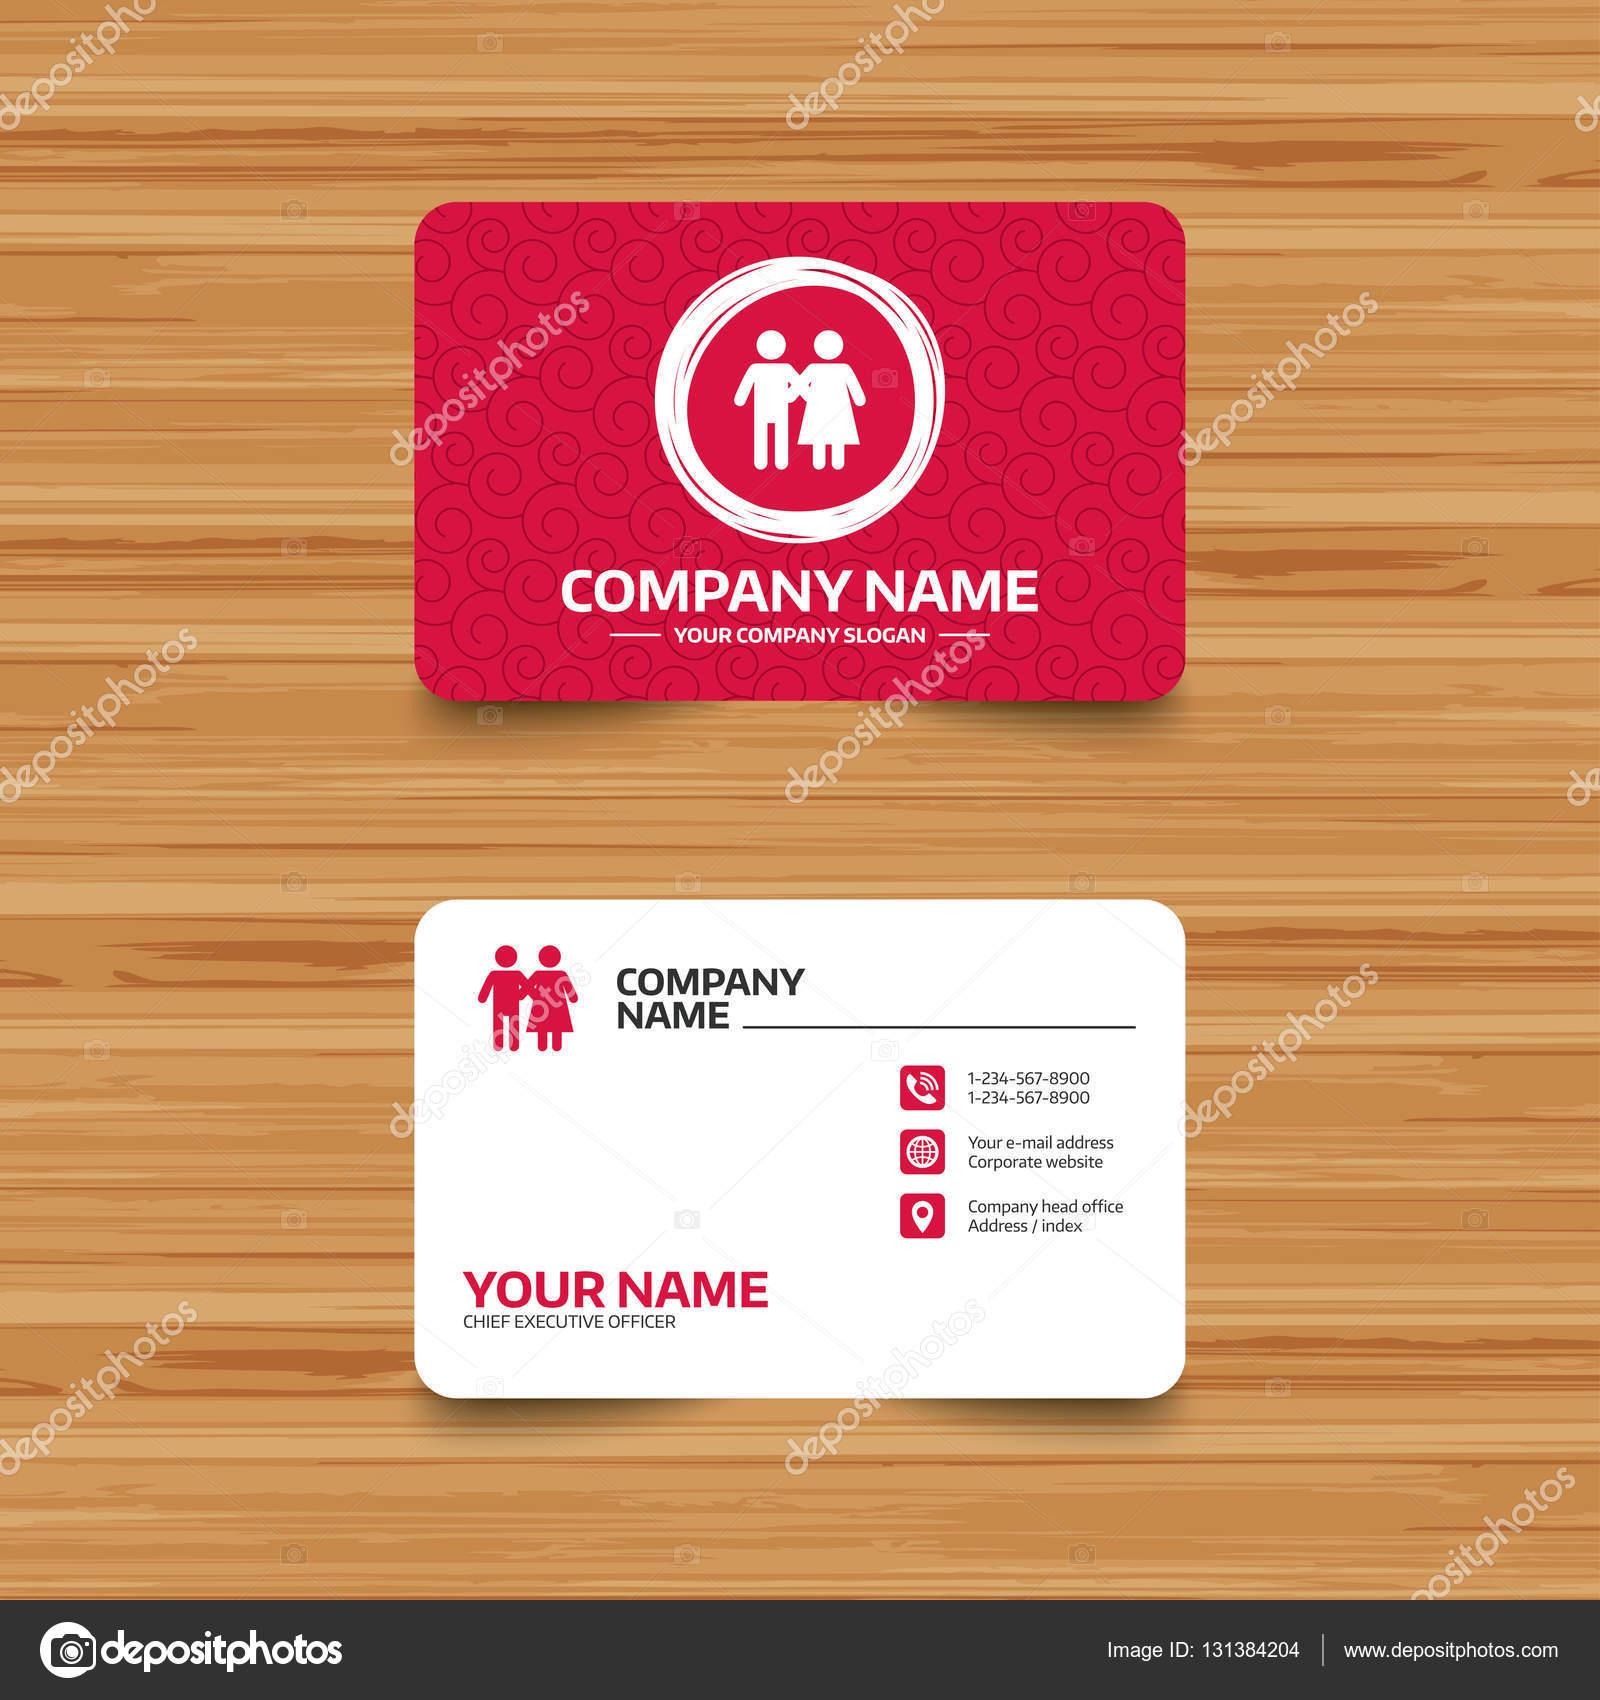 Modele De Carte Visite Avec Texture Icone Couple Jeune Famille Symbole Assurance Familiale Telephone Web Et Lemplacement Des Icones